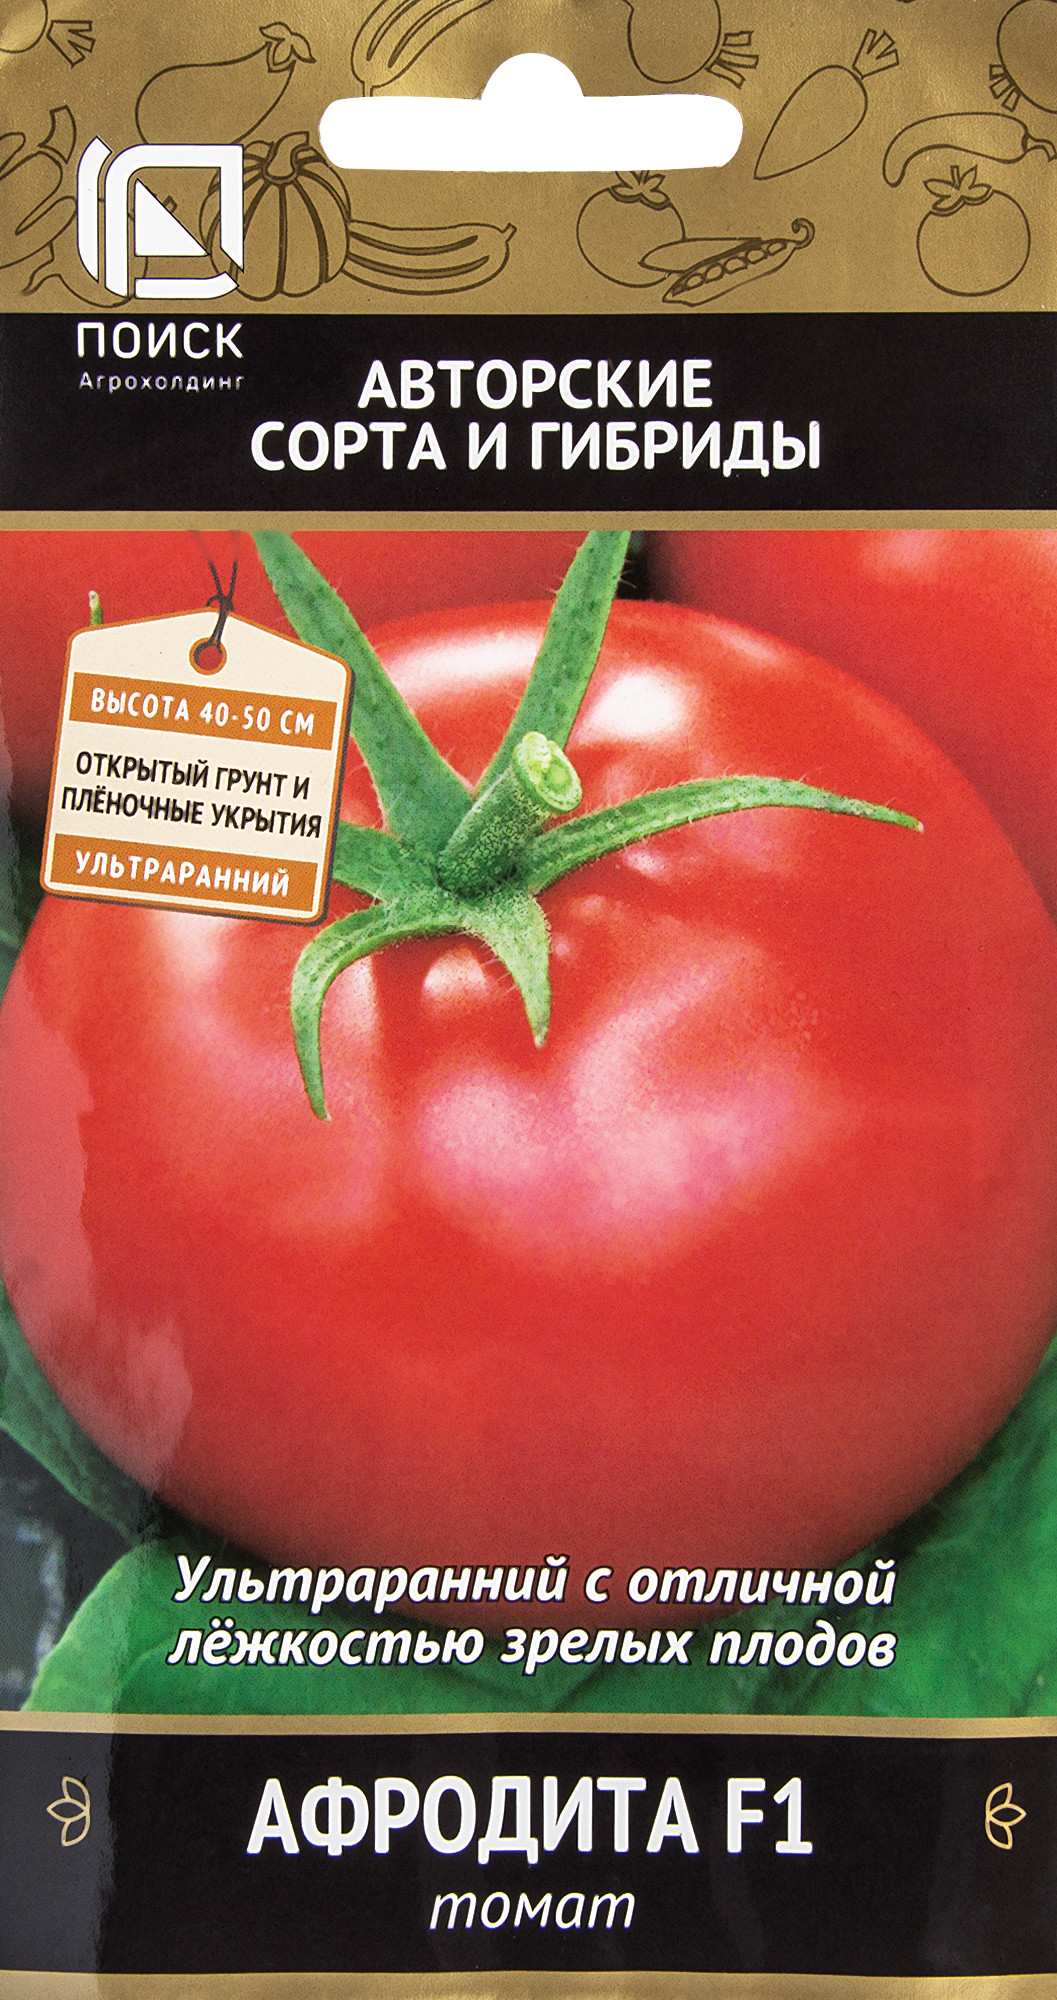 Томат афина f1: отзывы об урожайности и фото, характеристика и описание сорта, схема посадки помидоров в теплице